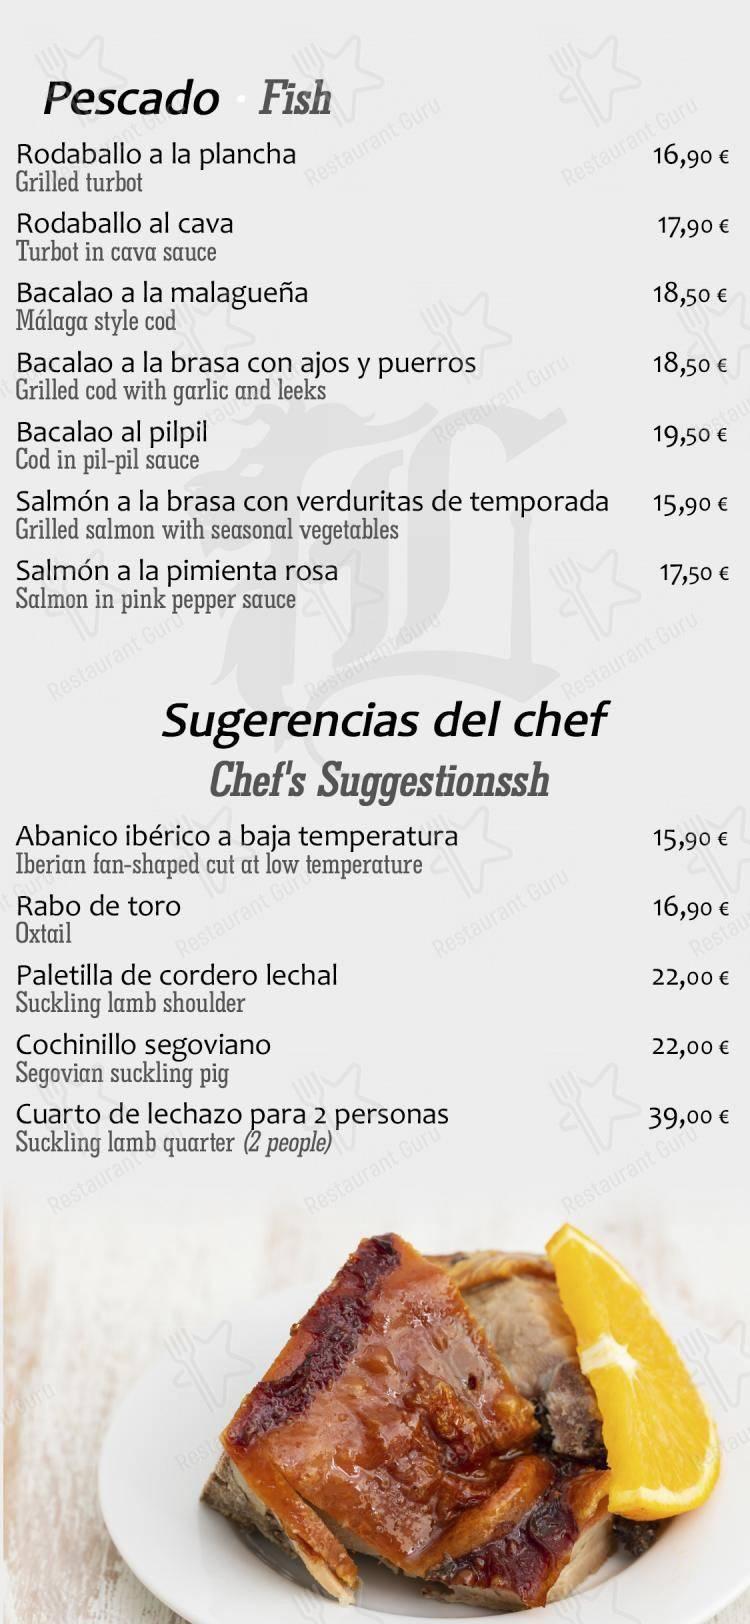 Los Robles de León menu - meals and drinks